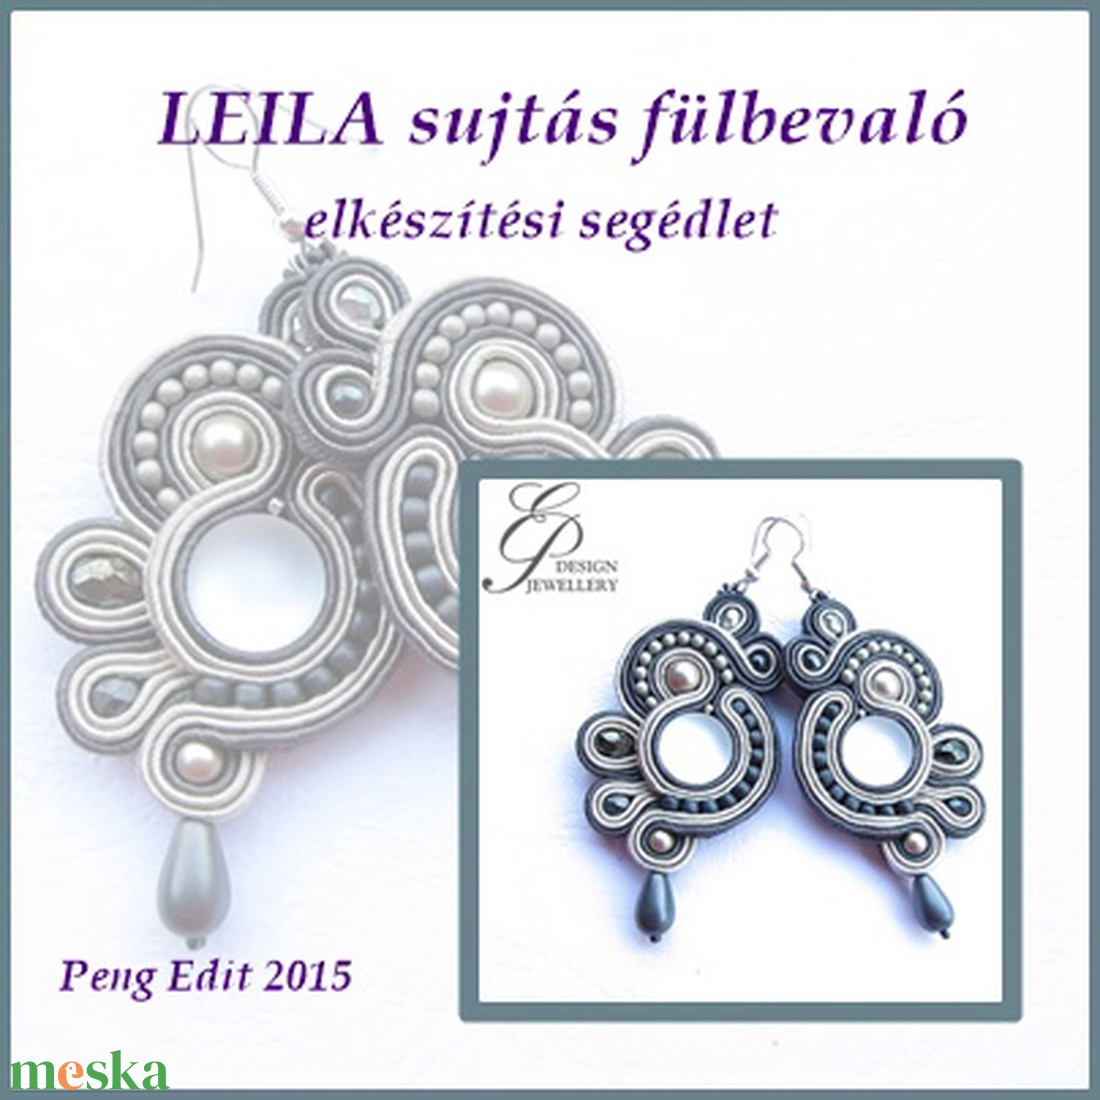 Leila sujtás fülbevaló elkészítési segédlet (Pengedit) - Meska.hu